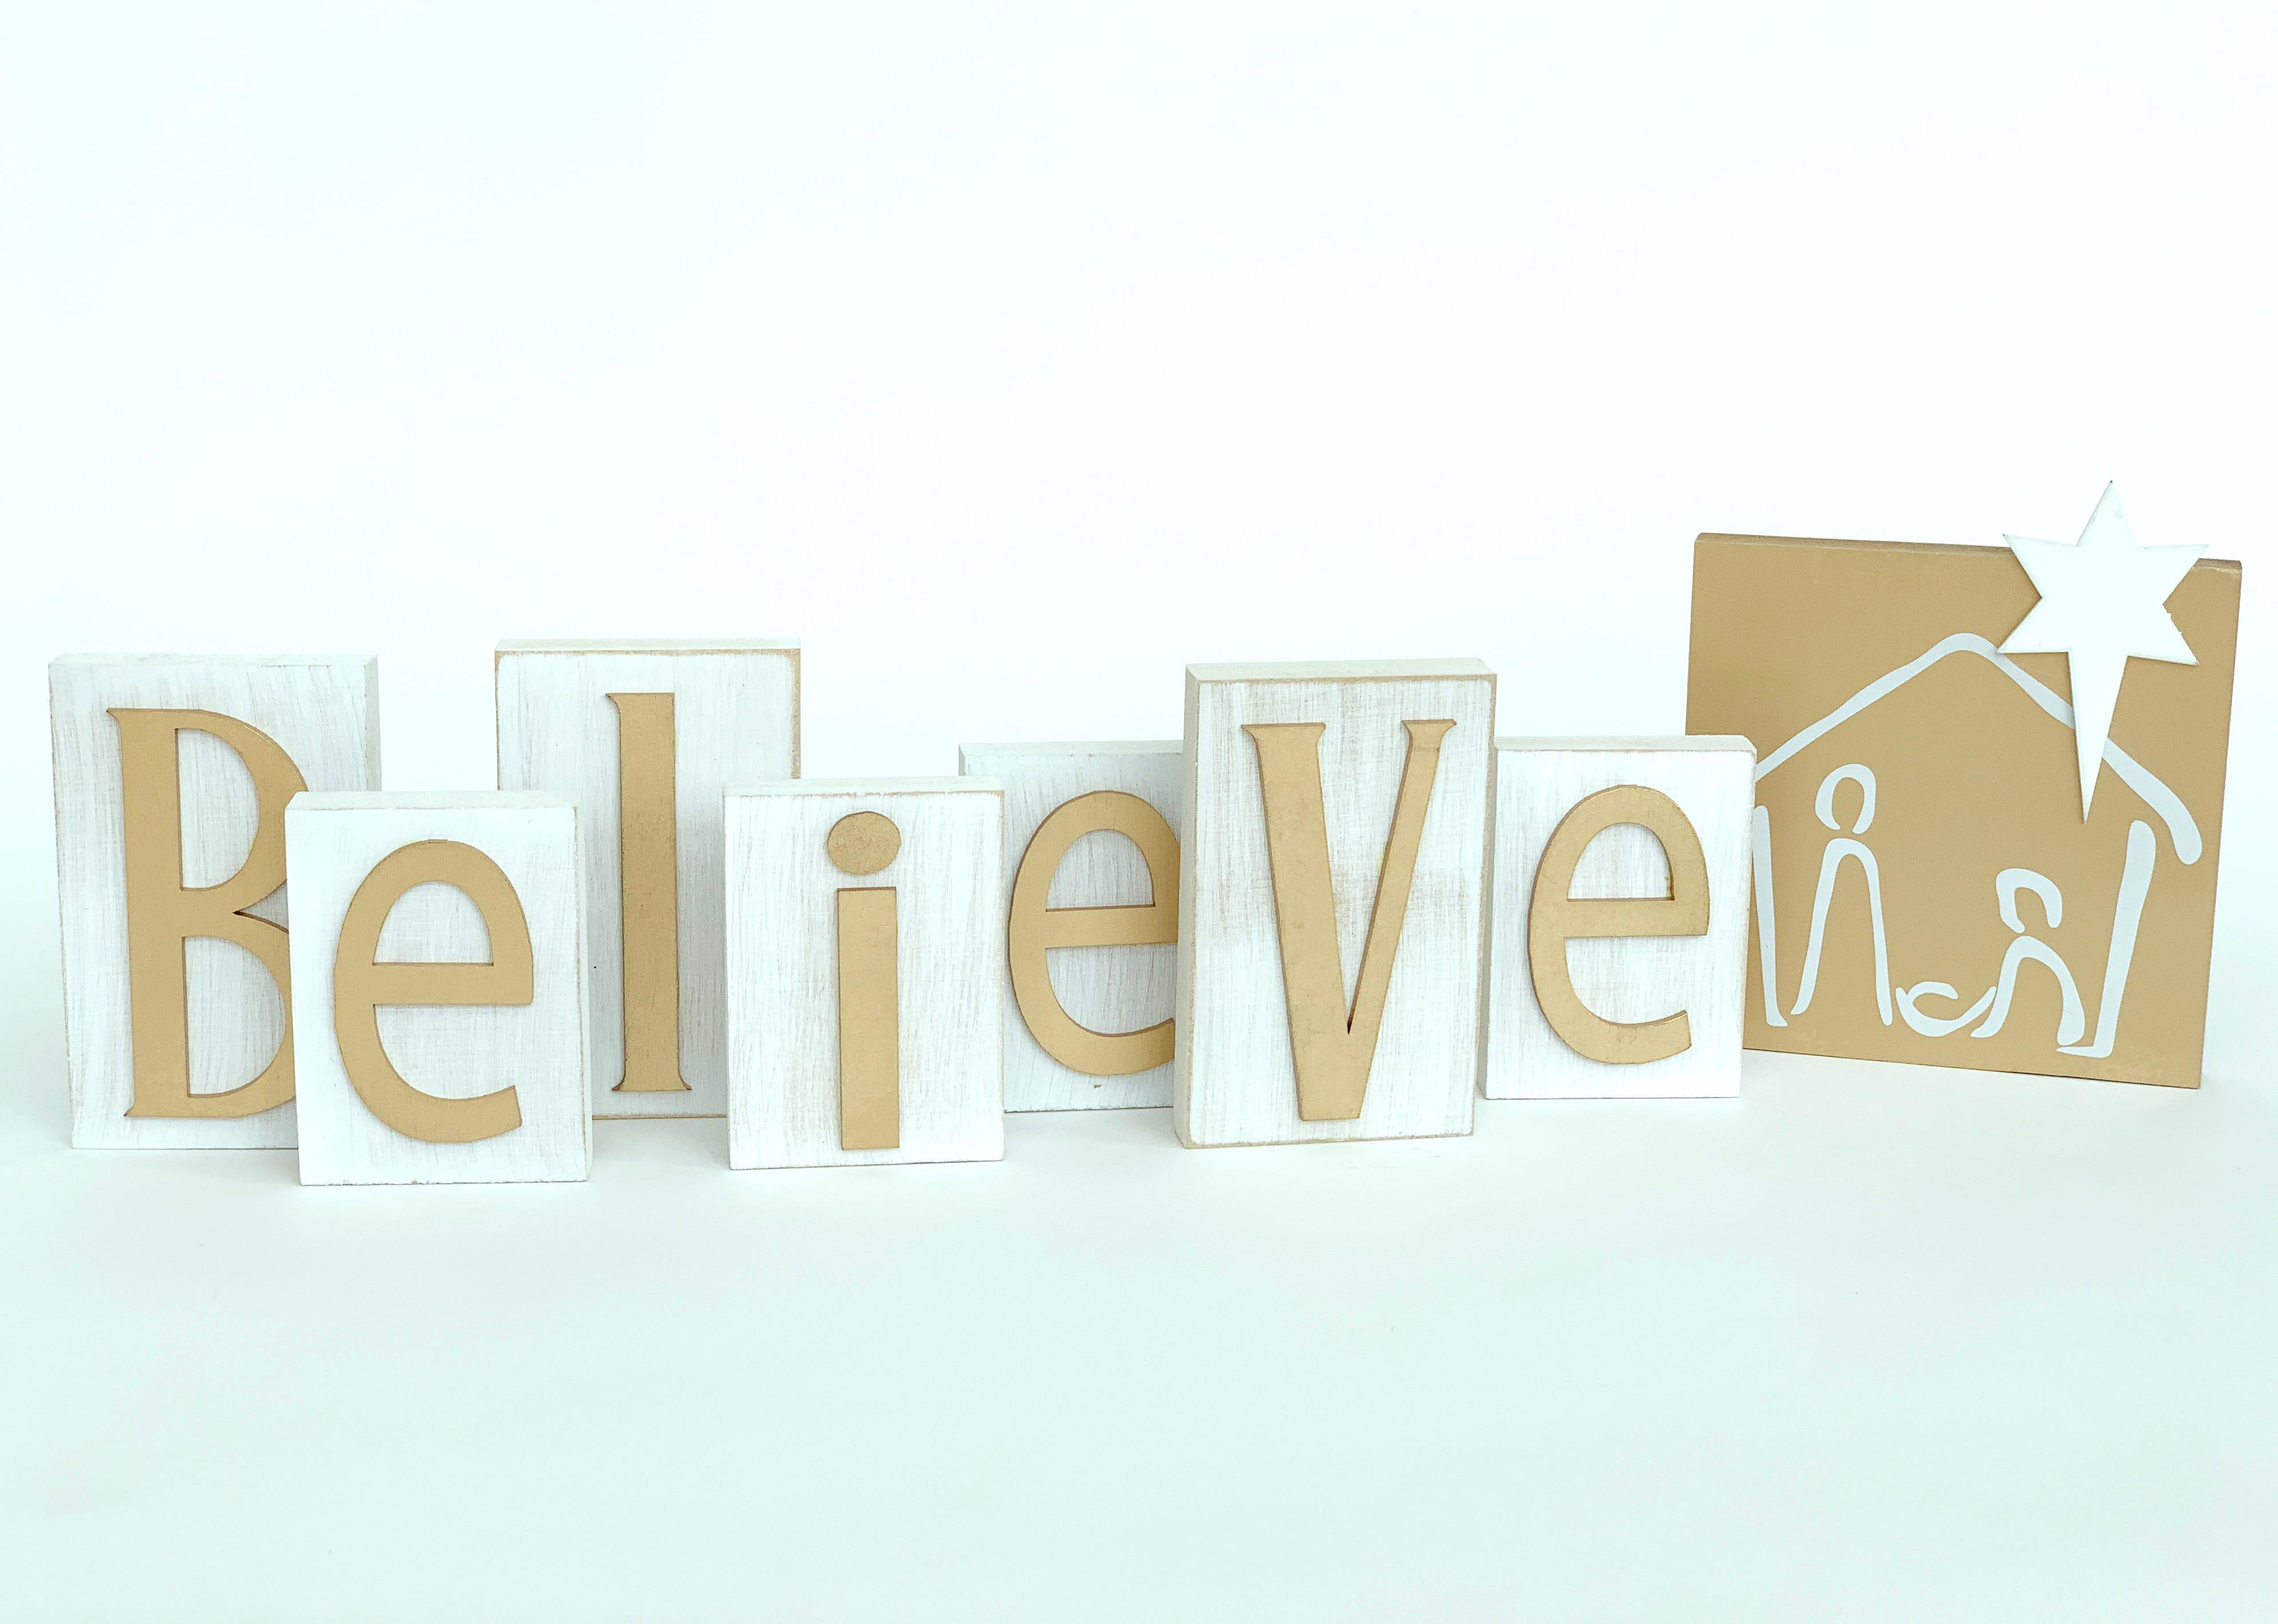 Letras Believe de madera